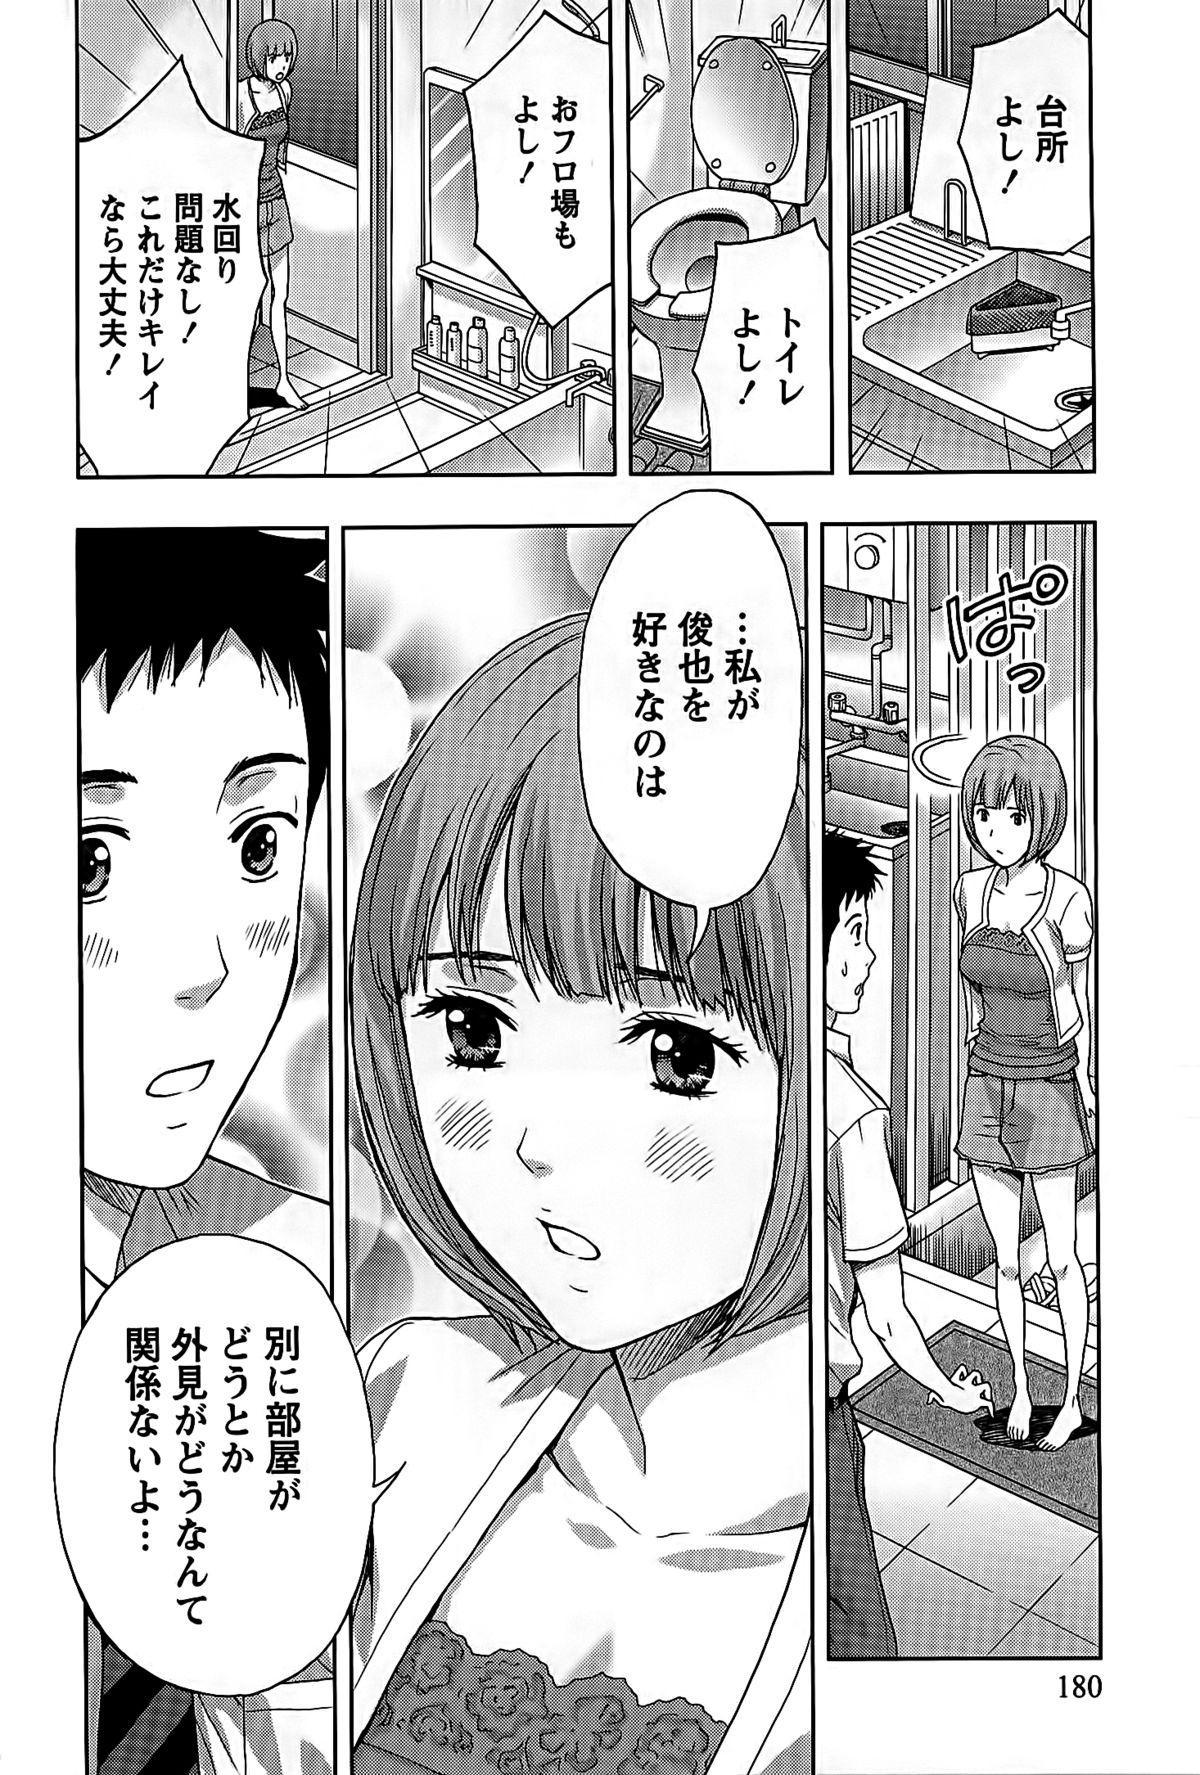 Shittori Lady to Amai Mitsu 180